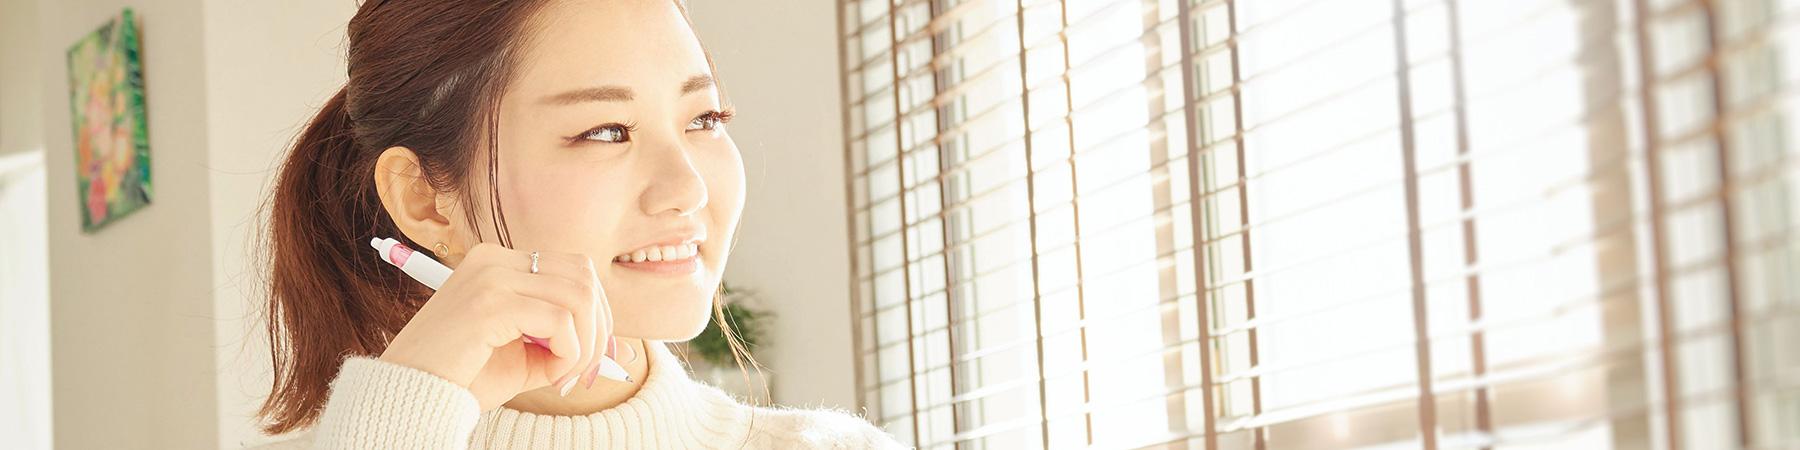 日本生活環境支援協会 | 合格者専用ページ